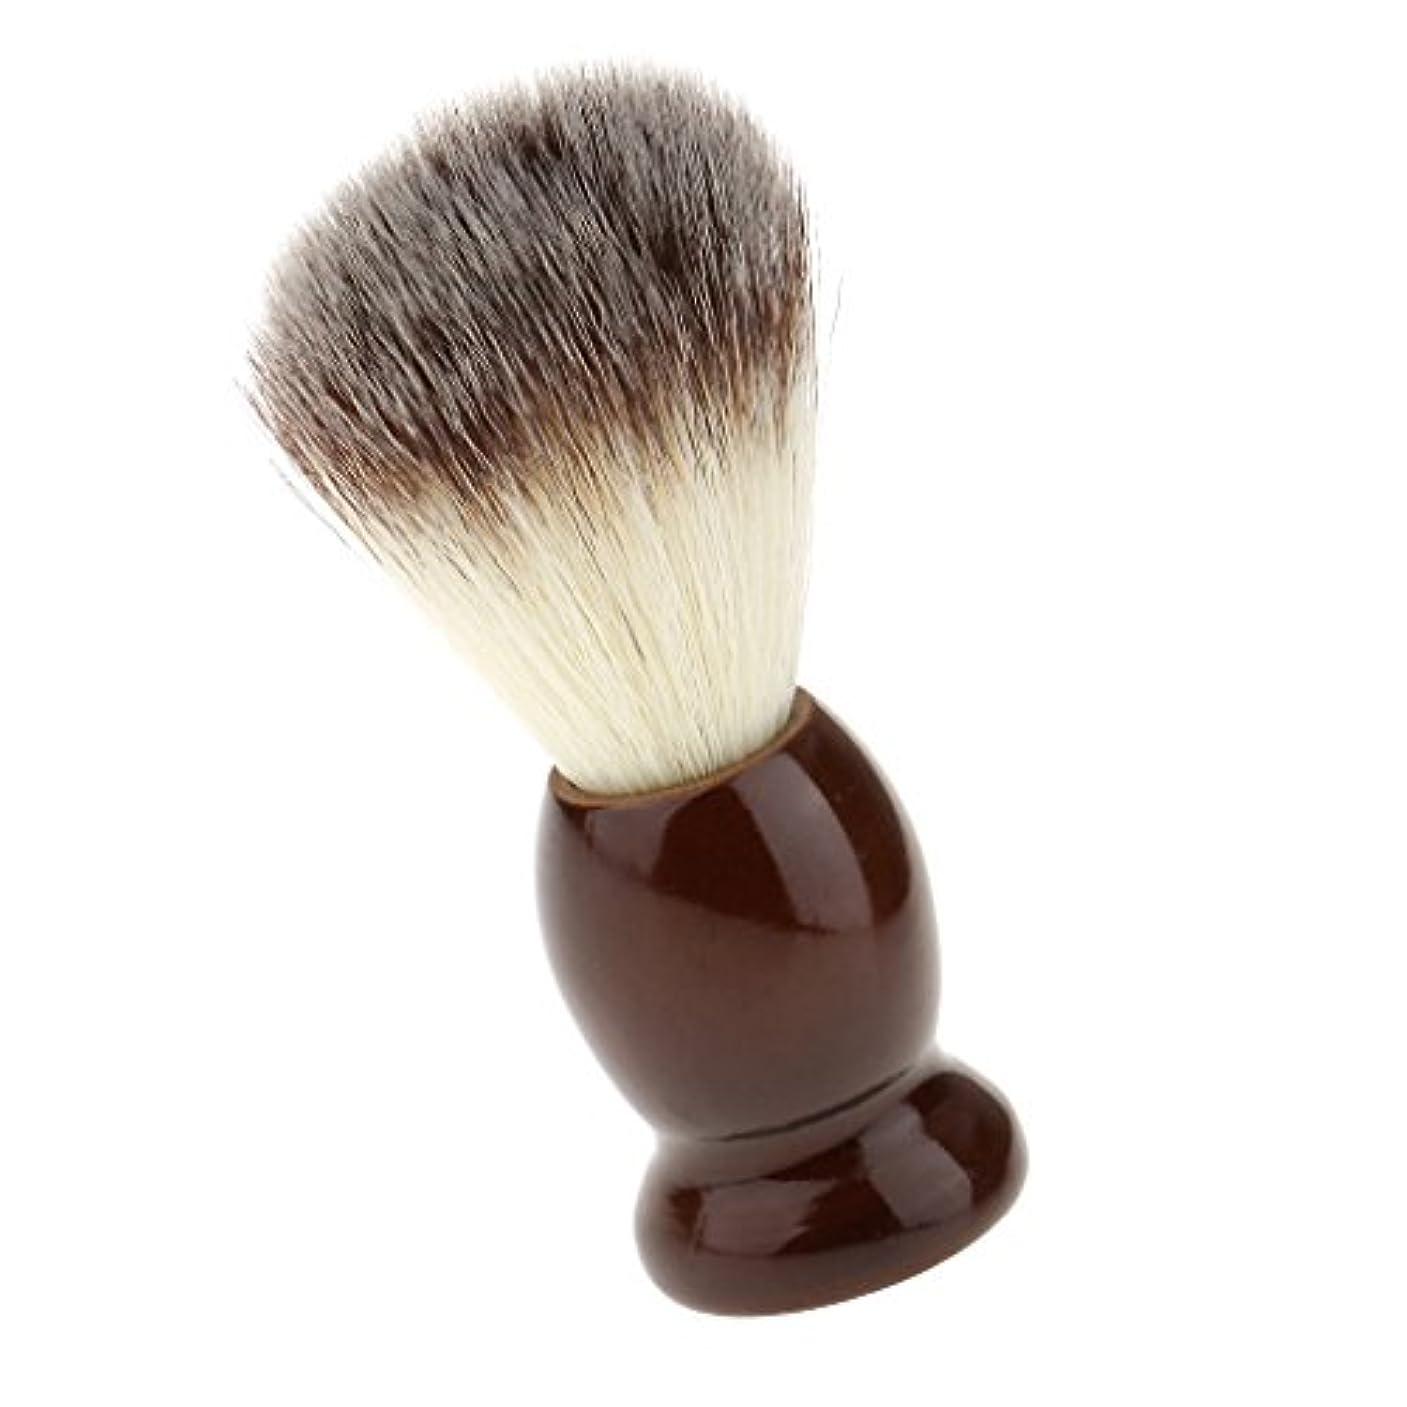 特別な訴える熟したSONONIA ナイロン製 シェービングブラシ サロン 柔らかい 髭剃り 洗顔 理容   便携 10.5cm  ブラウン